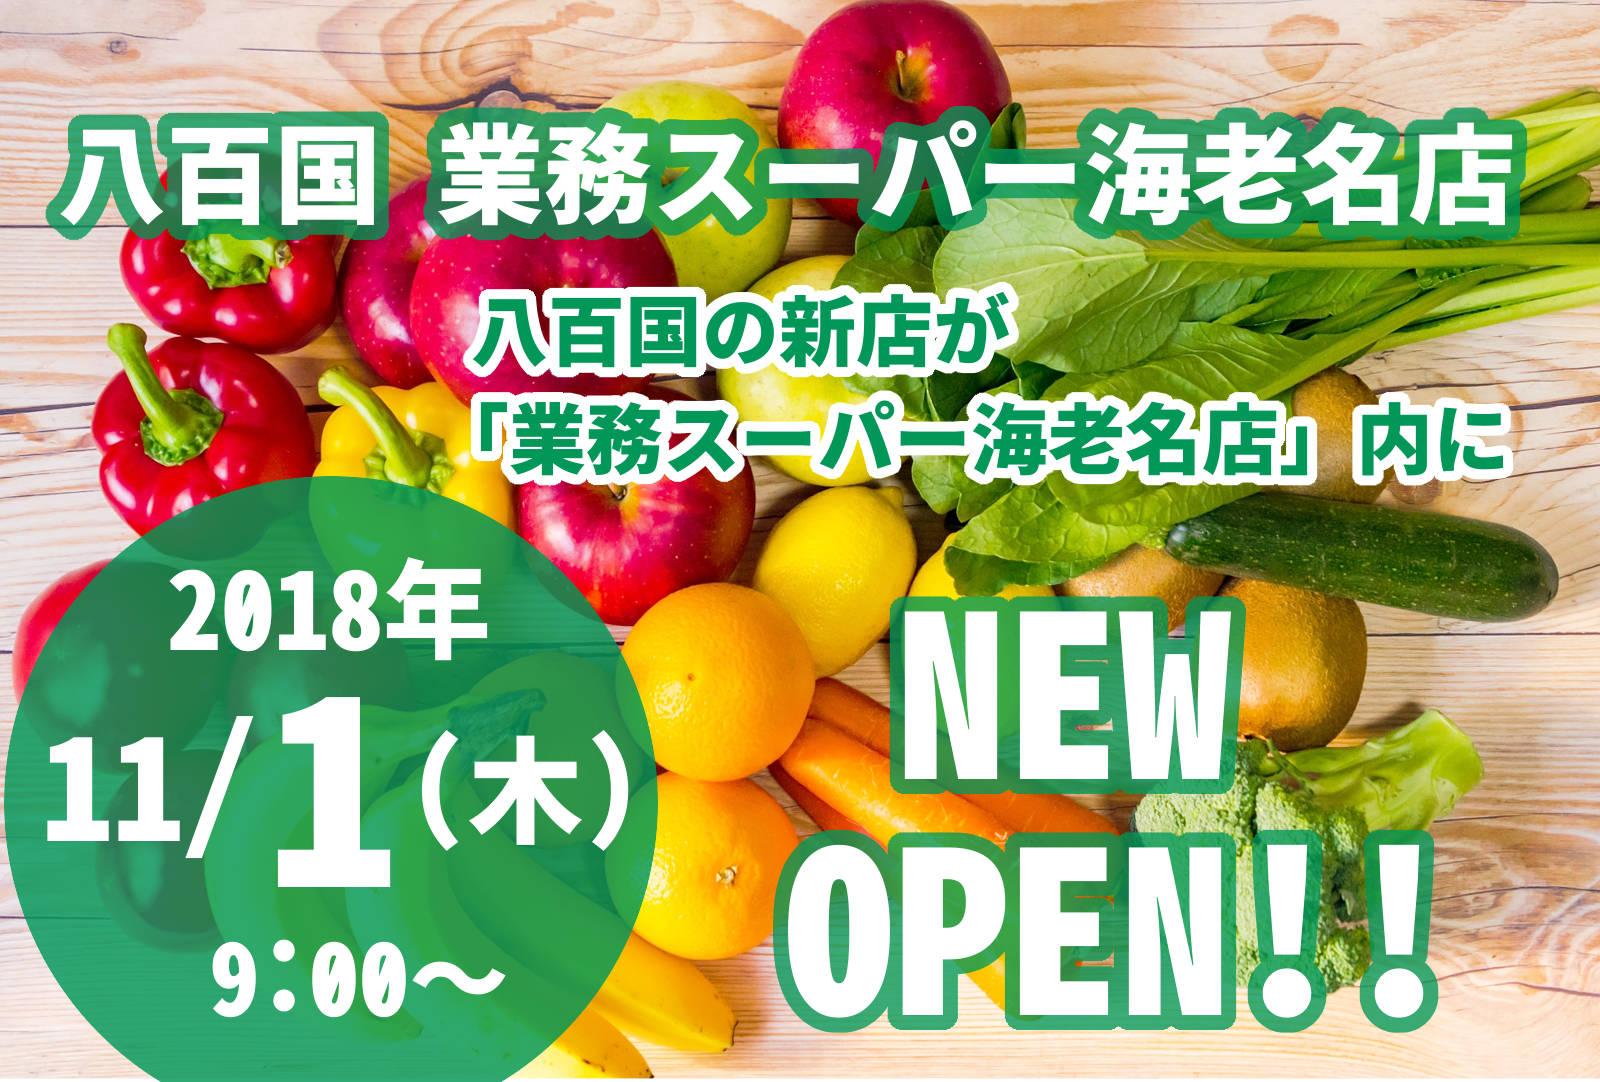 業務スーパー海老名店がオープンします!